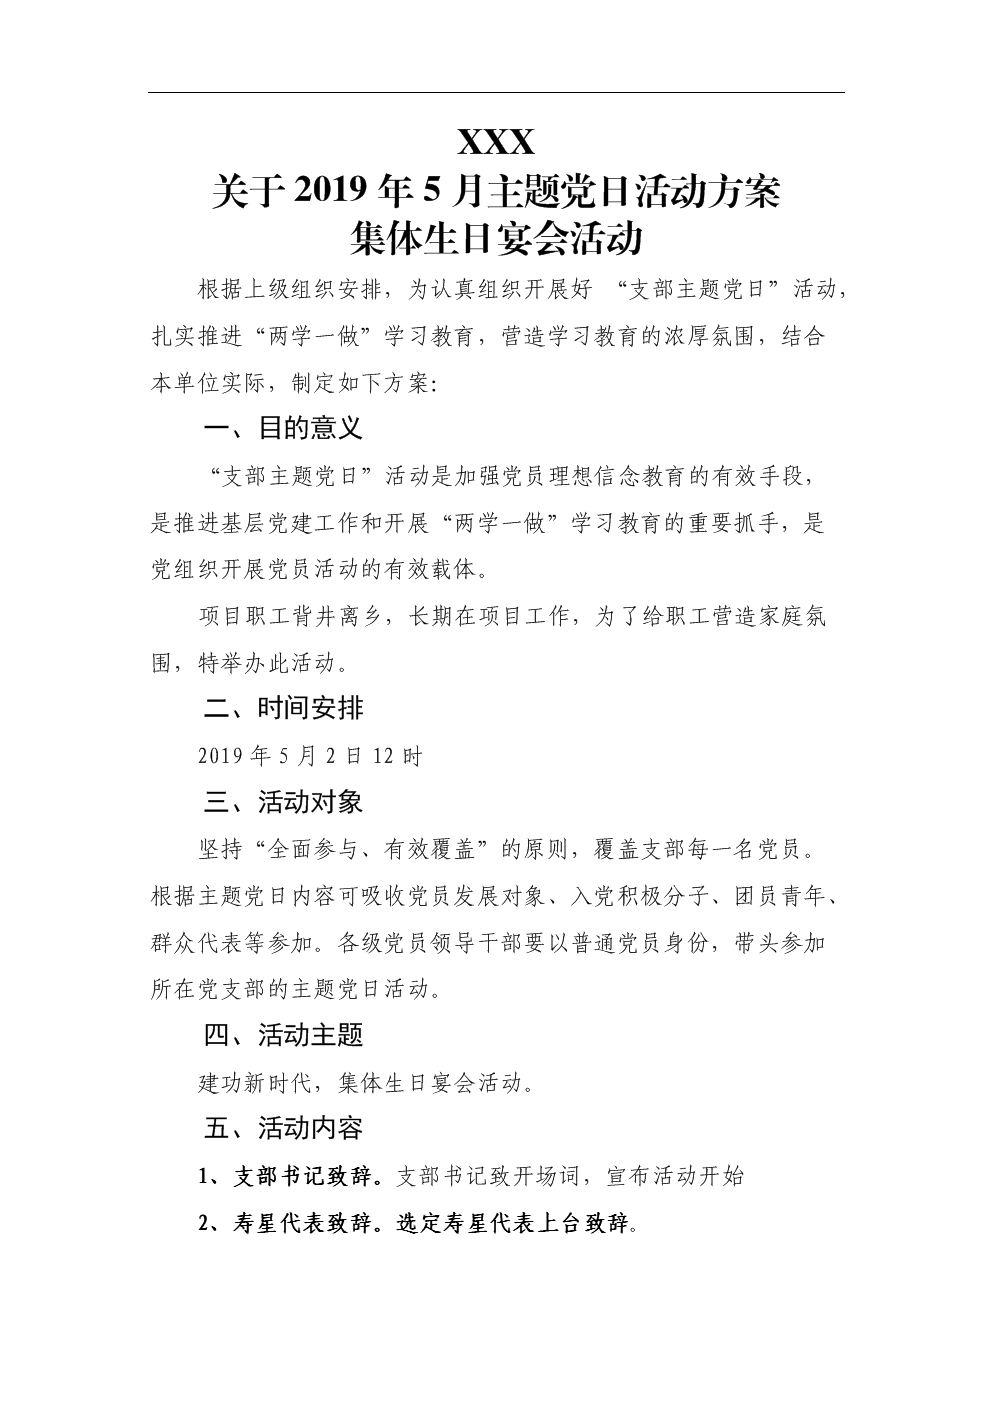 2019年度支部主题党日活动方案2.doc